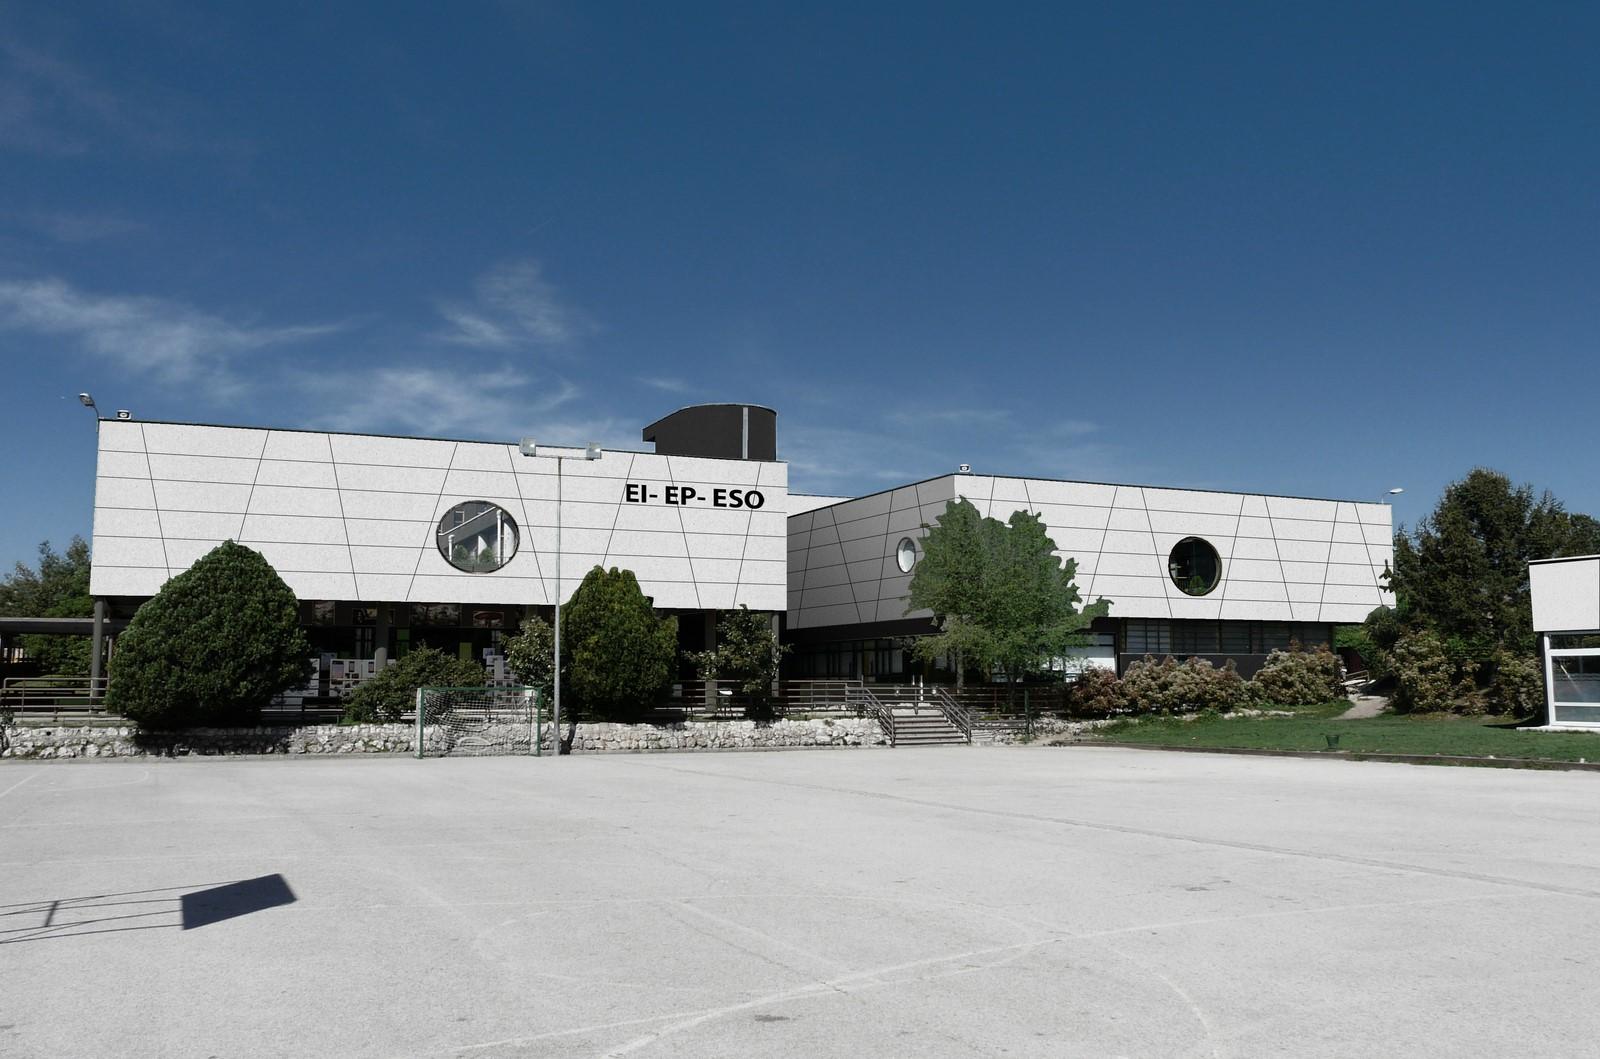 Estudio de modernización de fachadas colegio Seek